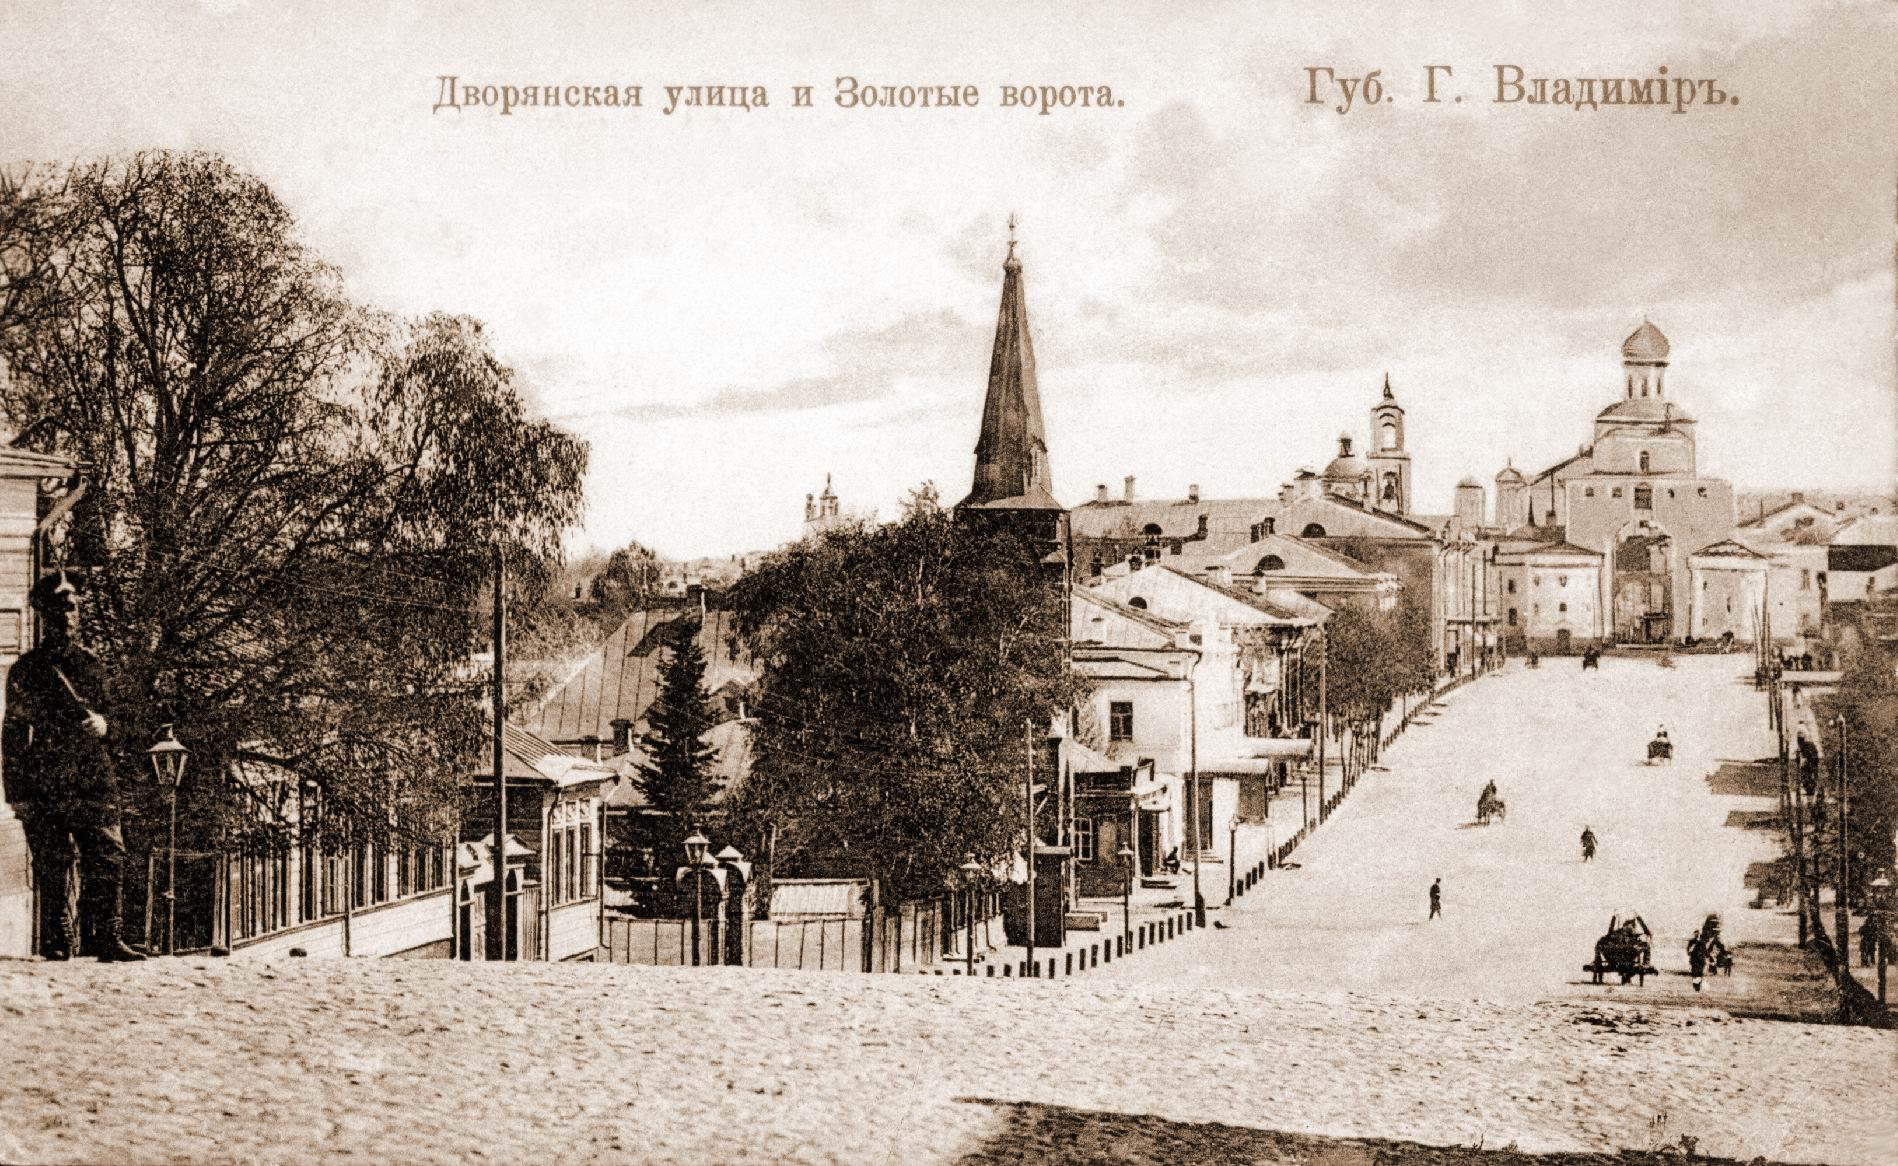 Дворянская улица и Золотые ворота